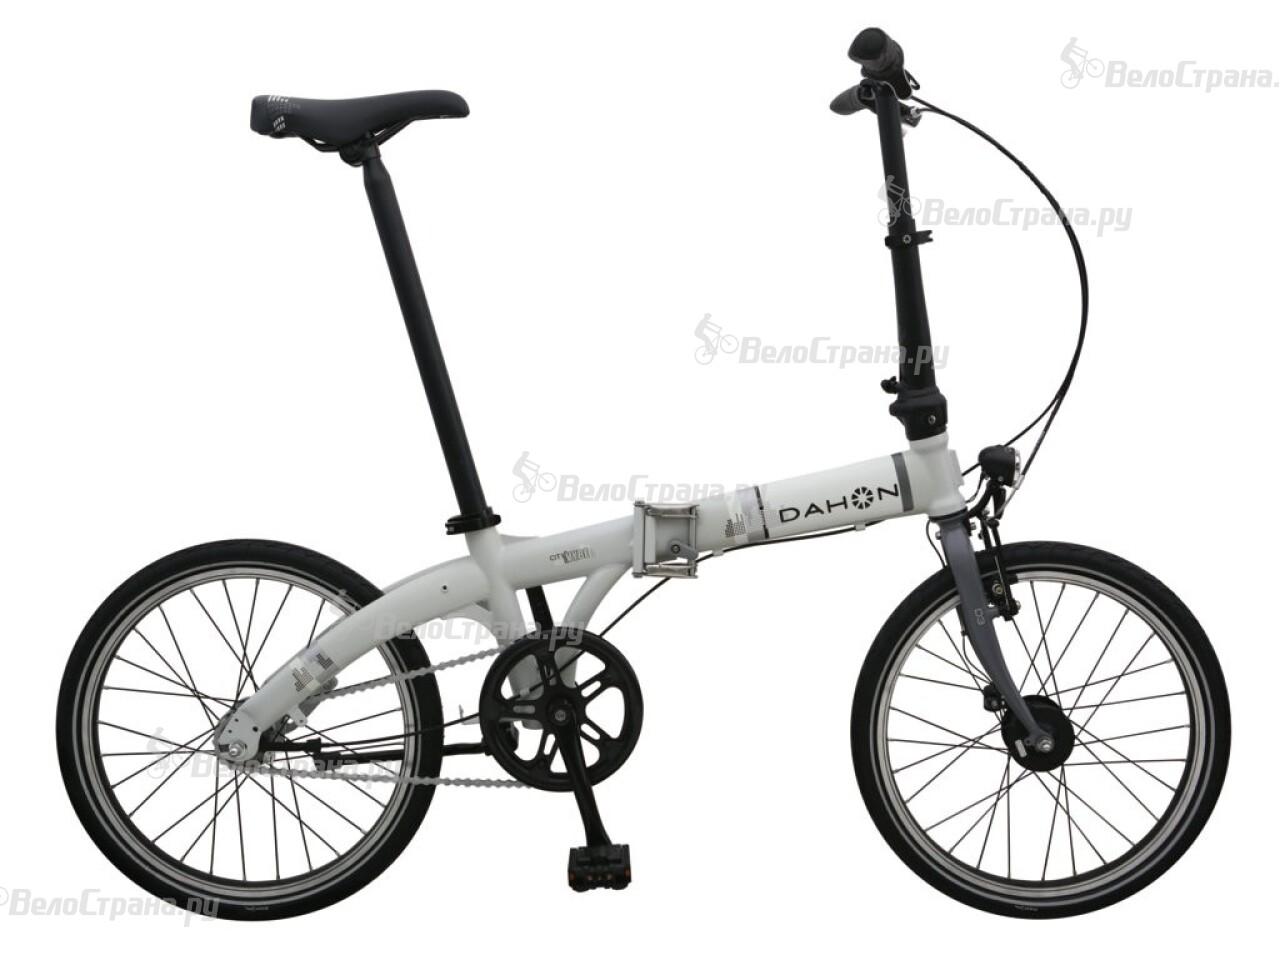 Велосипед Dahon Vybe C3 (2014) люльки gesslein c3